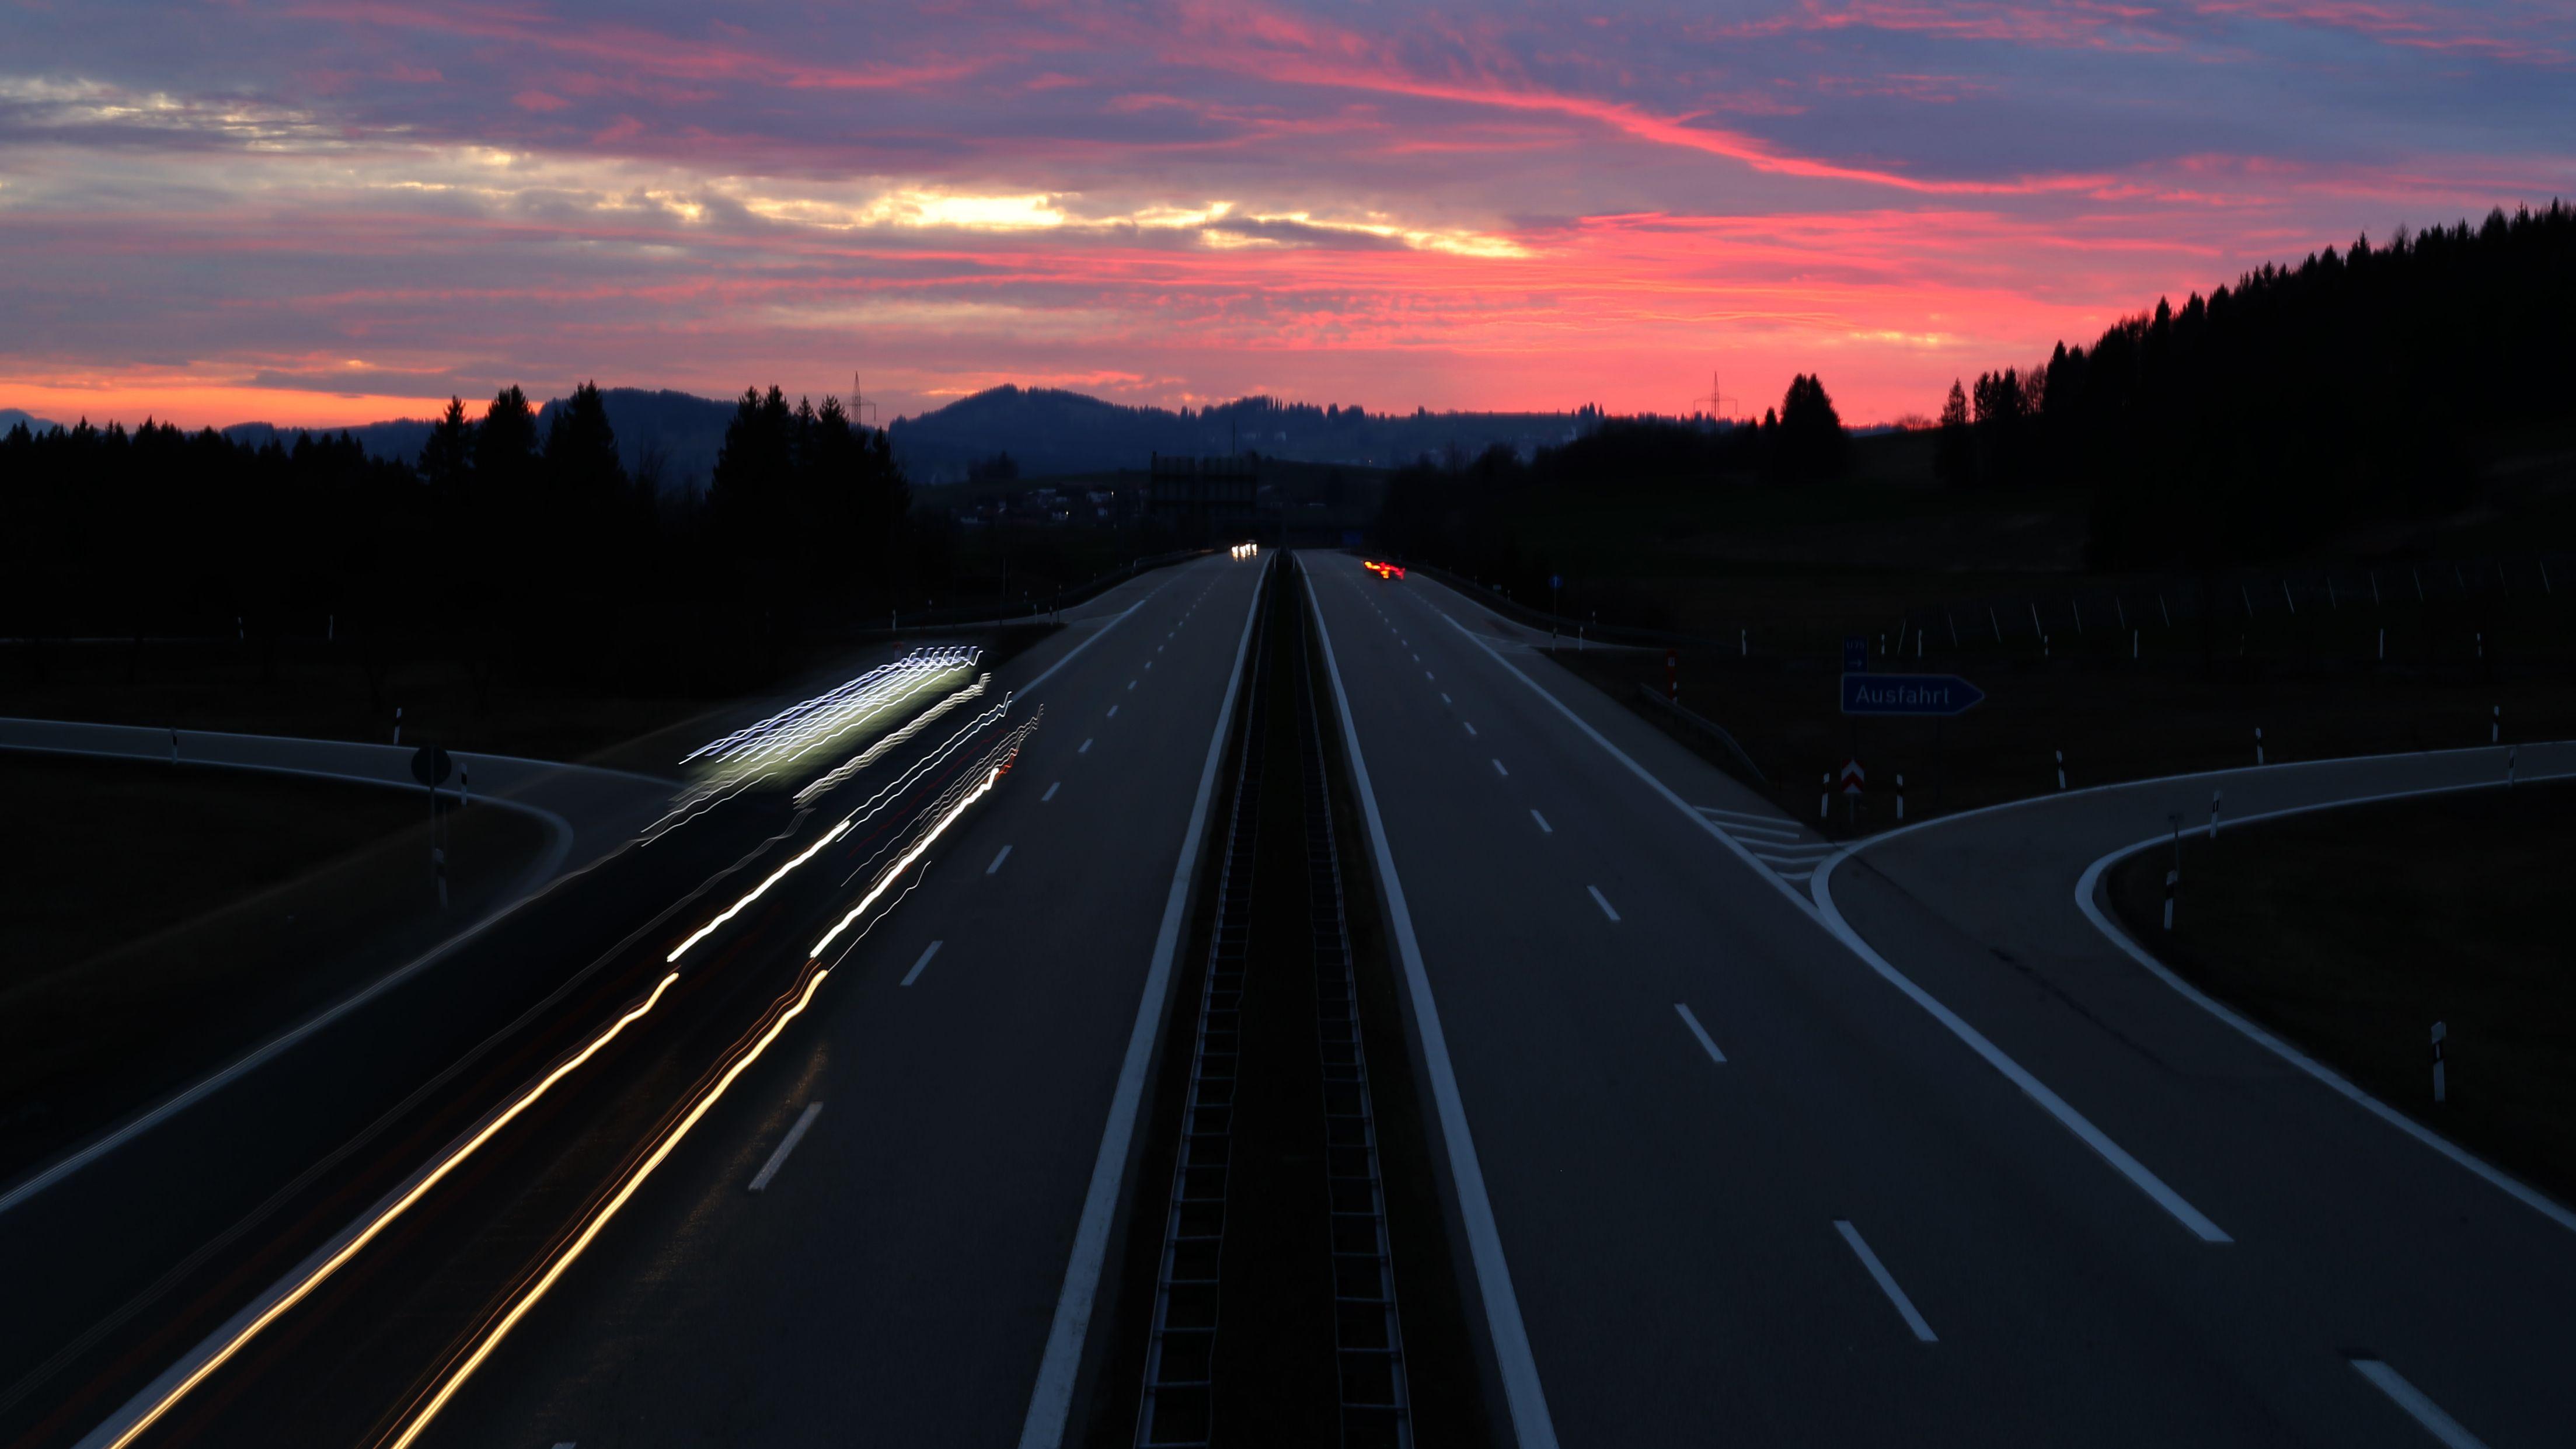 Bayern, Nesselwang: Nur wenige Autos fahren auf der Autobahn 7 (A7), kurz nach Sonnenuntergang.